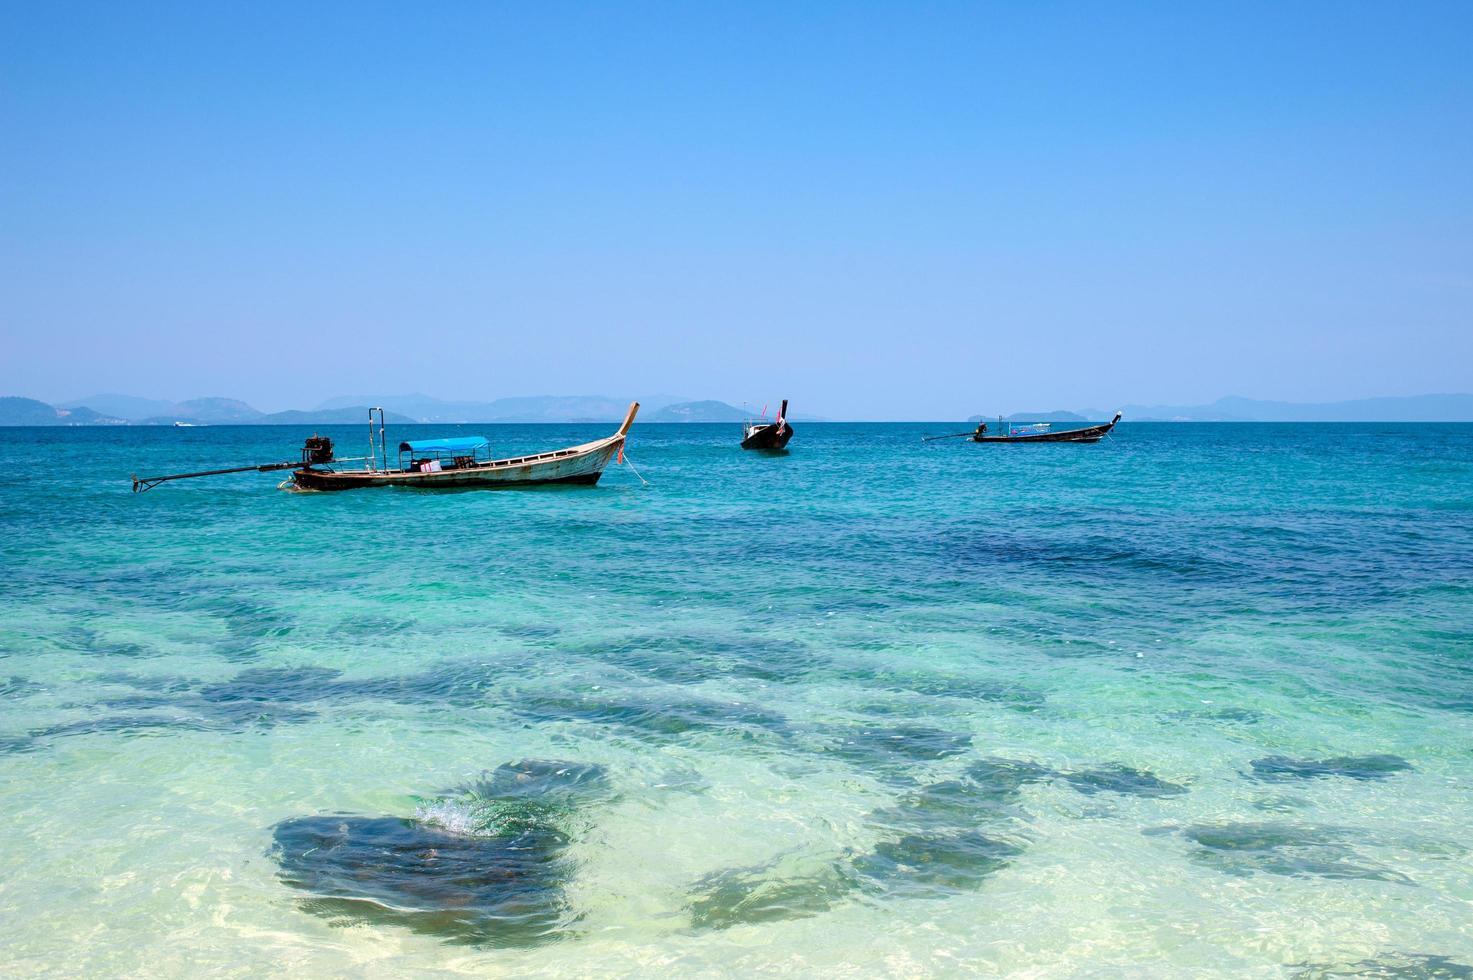 barche da pesca in spiaggia phuket, thailandia foto